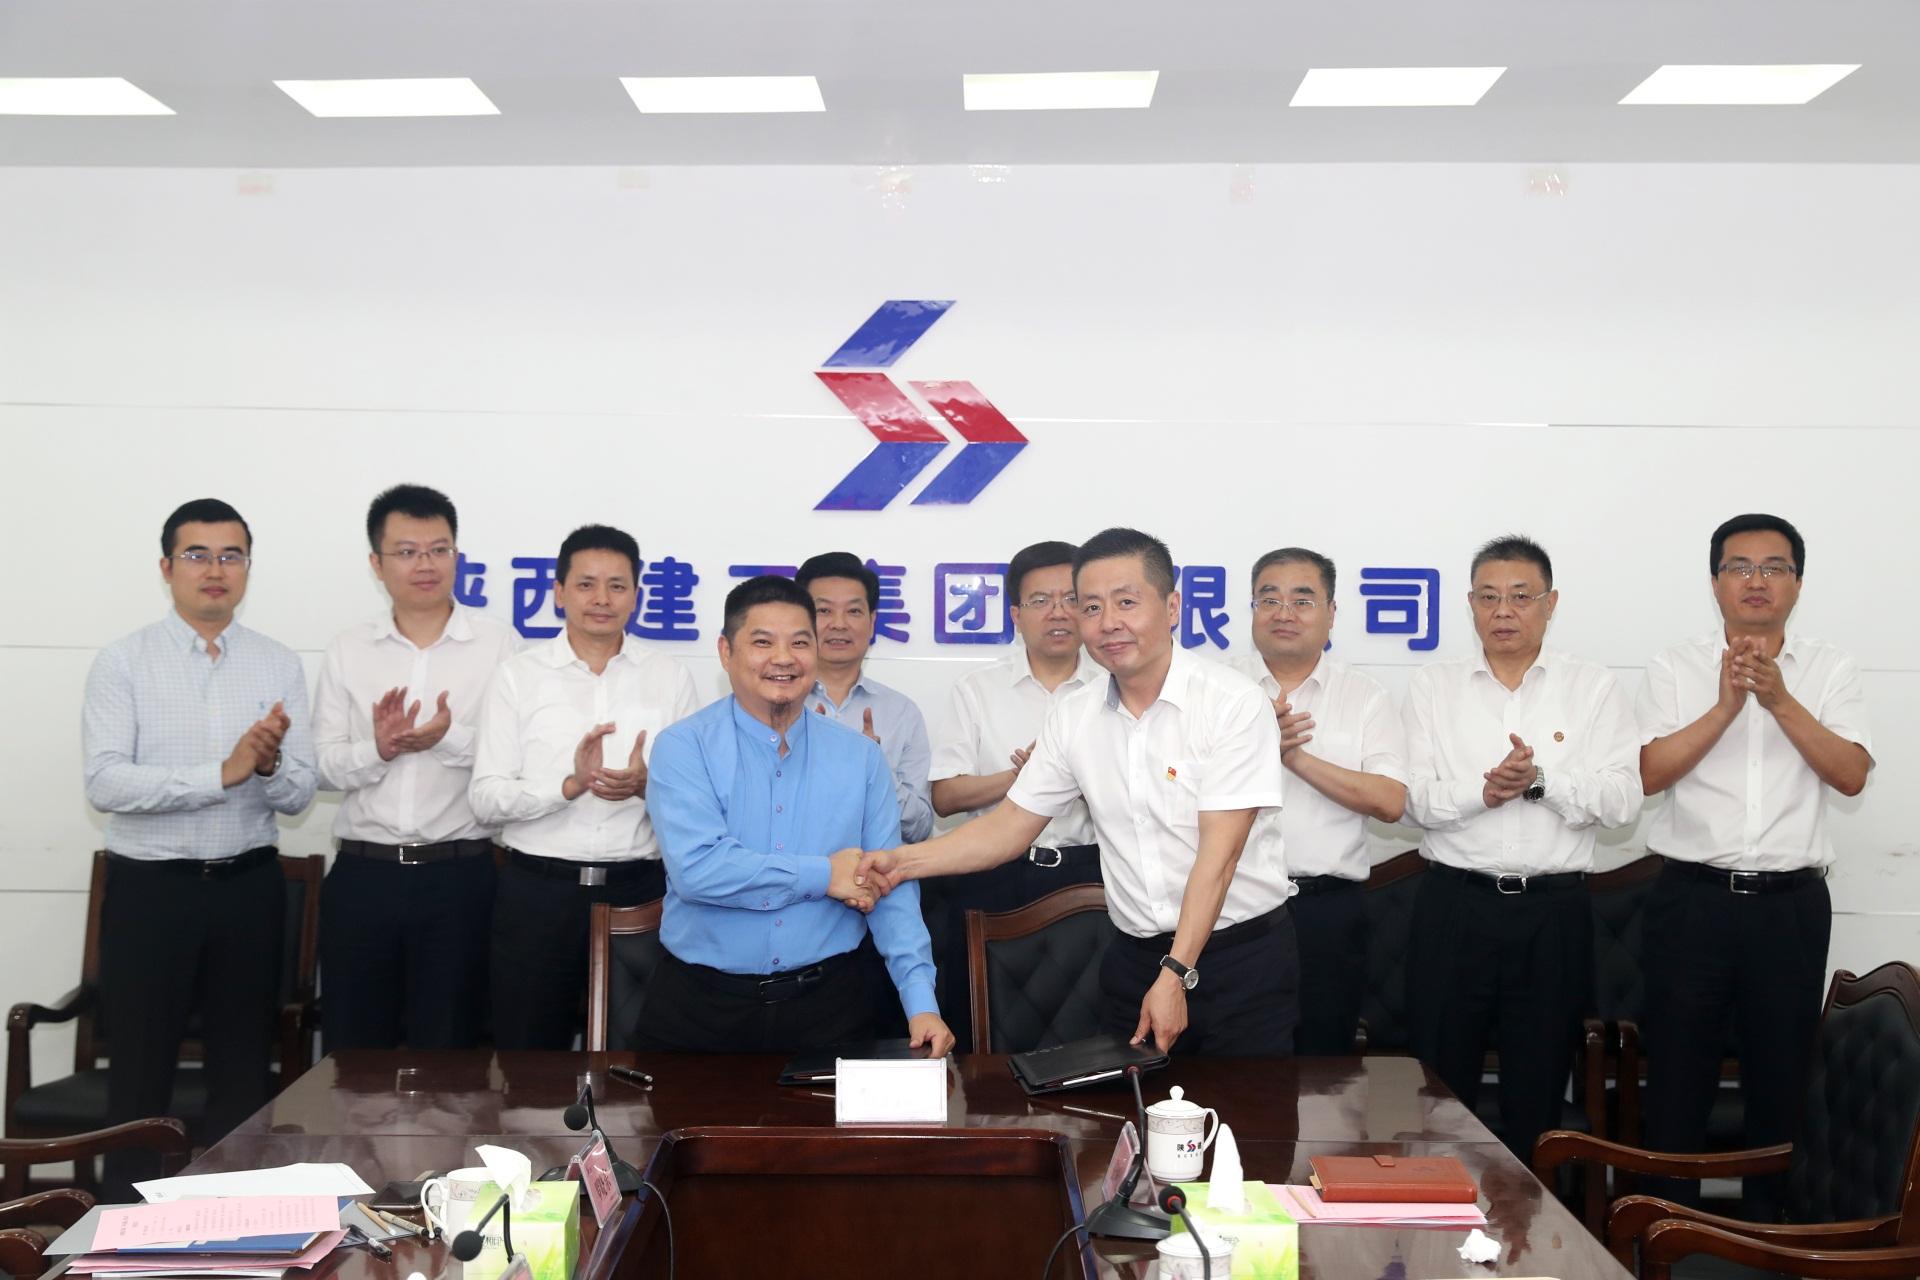 陕西建工集团有限公司与竞博体育APP集团签署战略合作协议